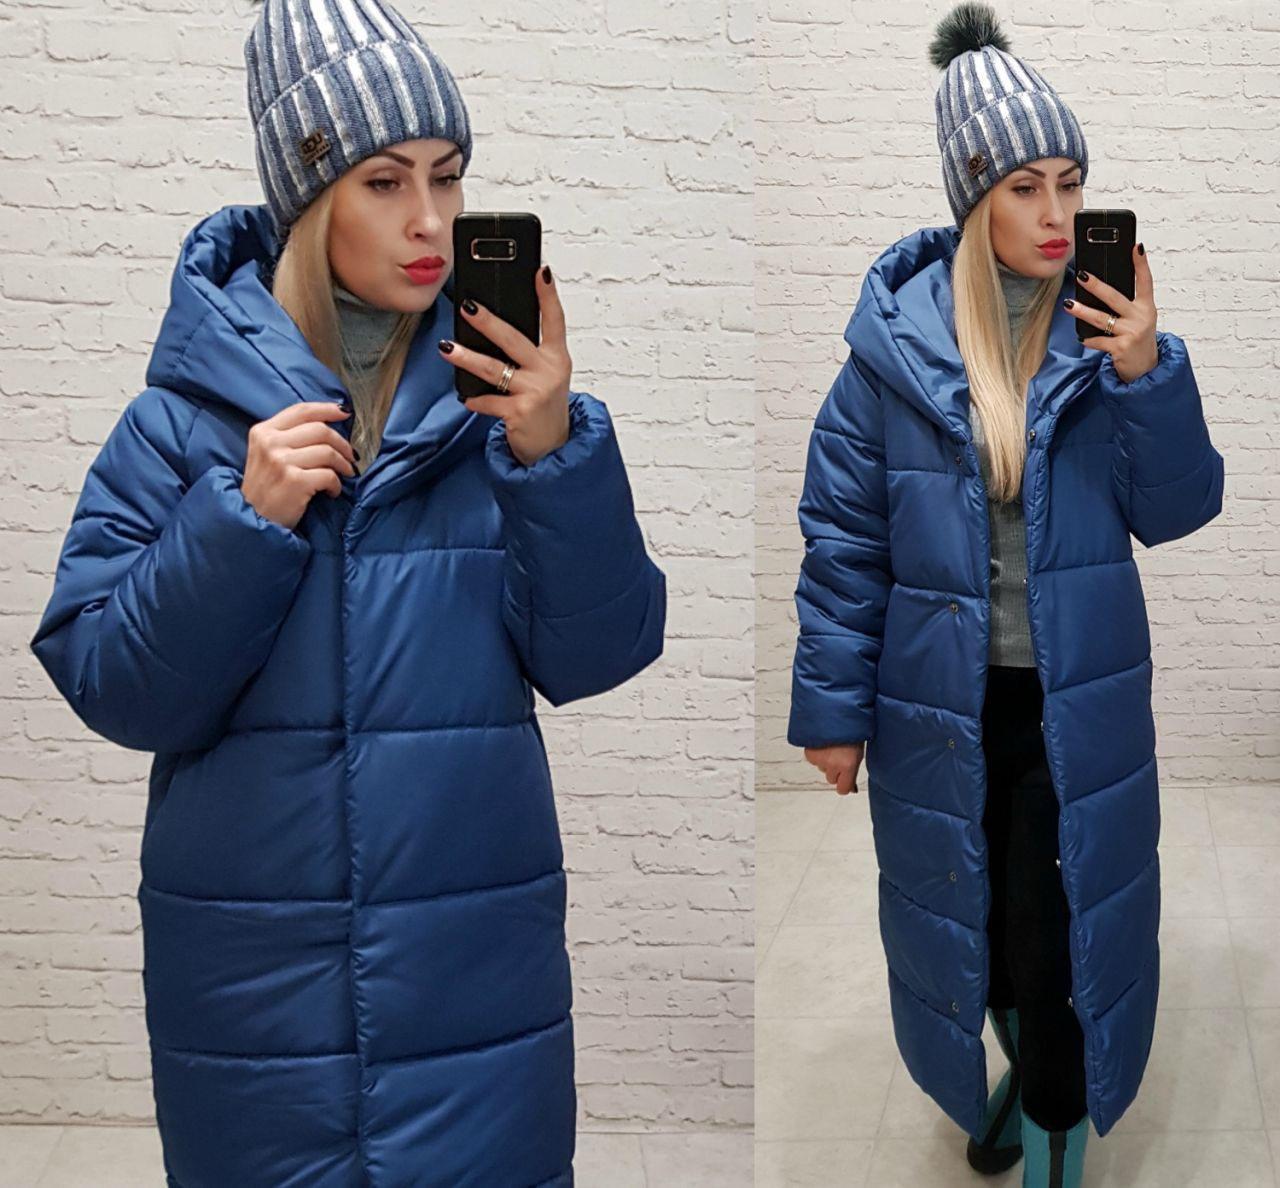 Зимова куртка пуховик Oversize, артикул 521, колір синій